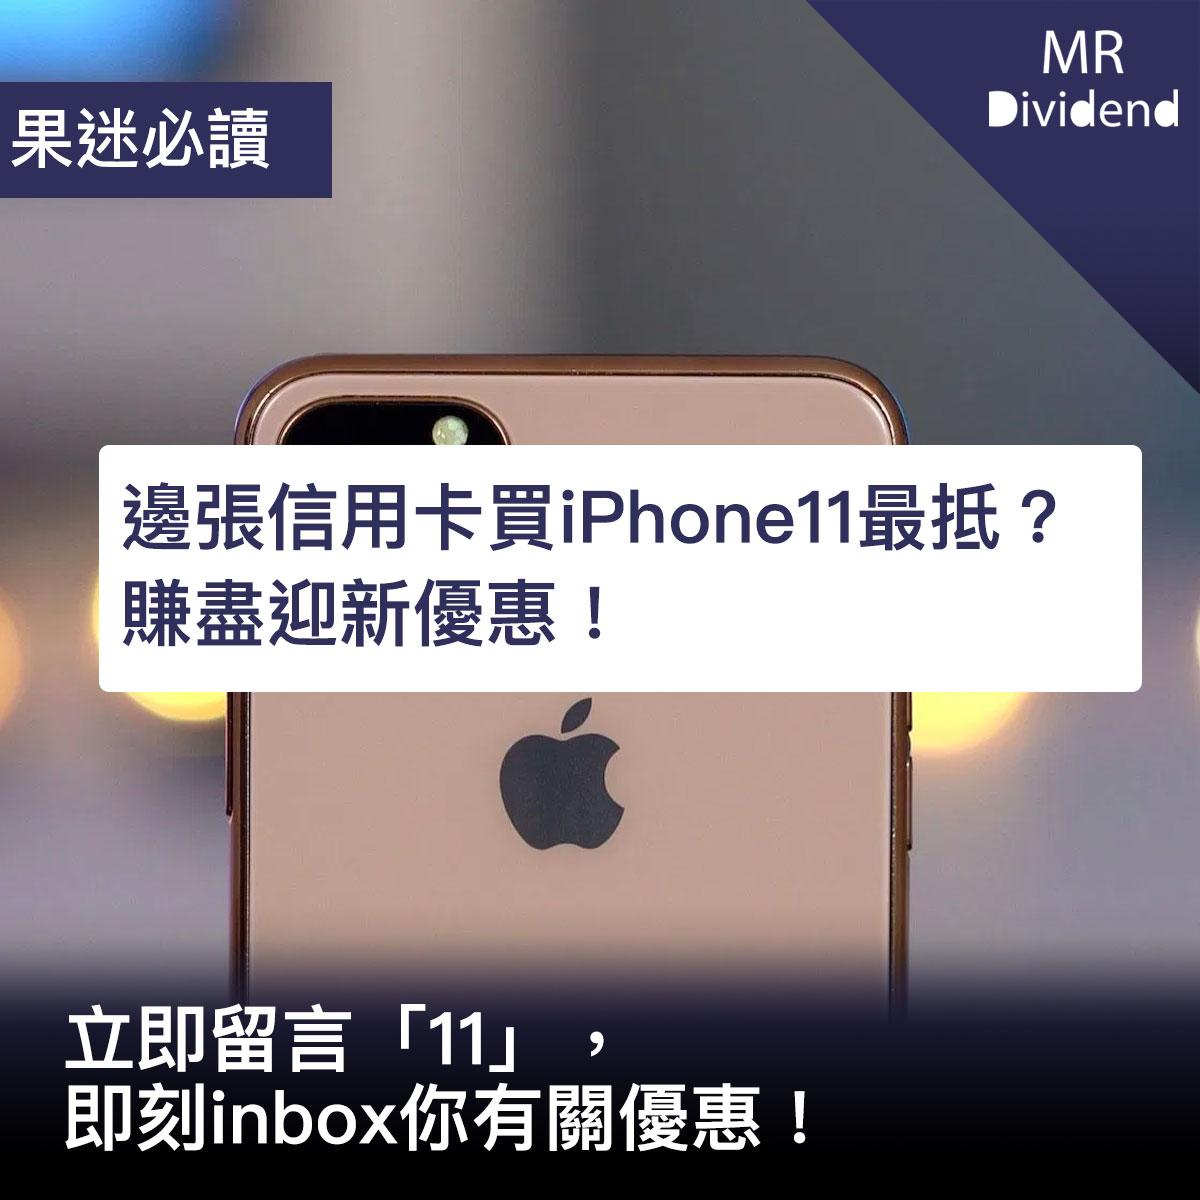 【理財優惠】邊張信用卡買iPhone 11最抵?賺盡迎新優惠